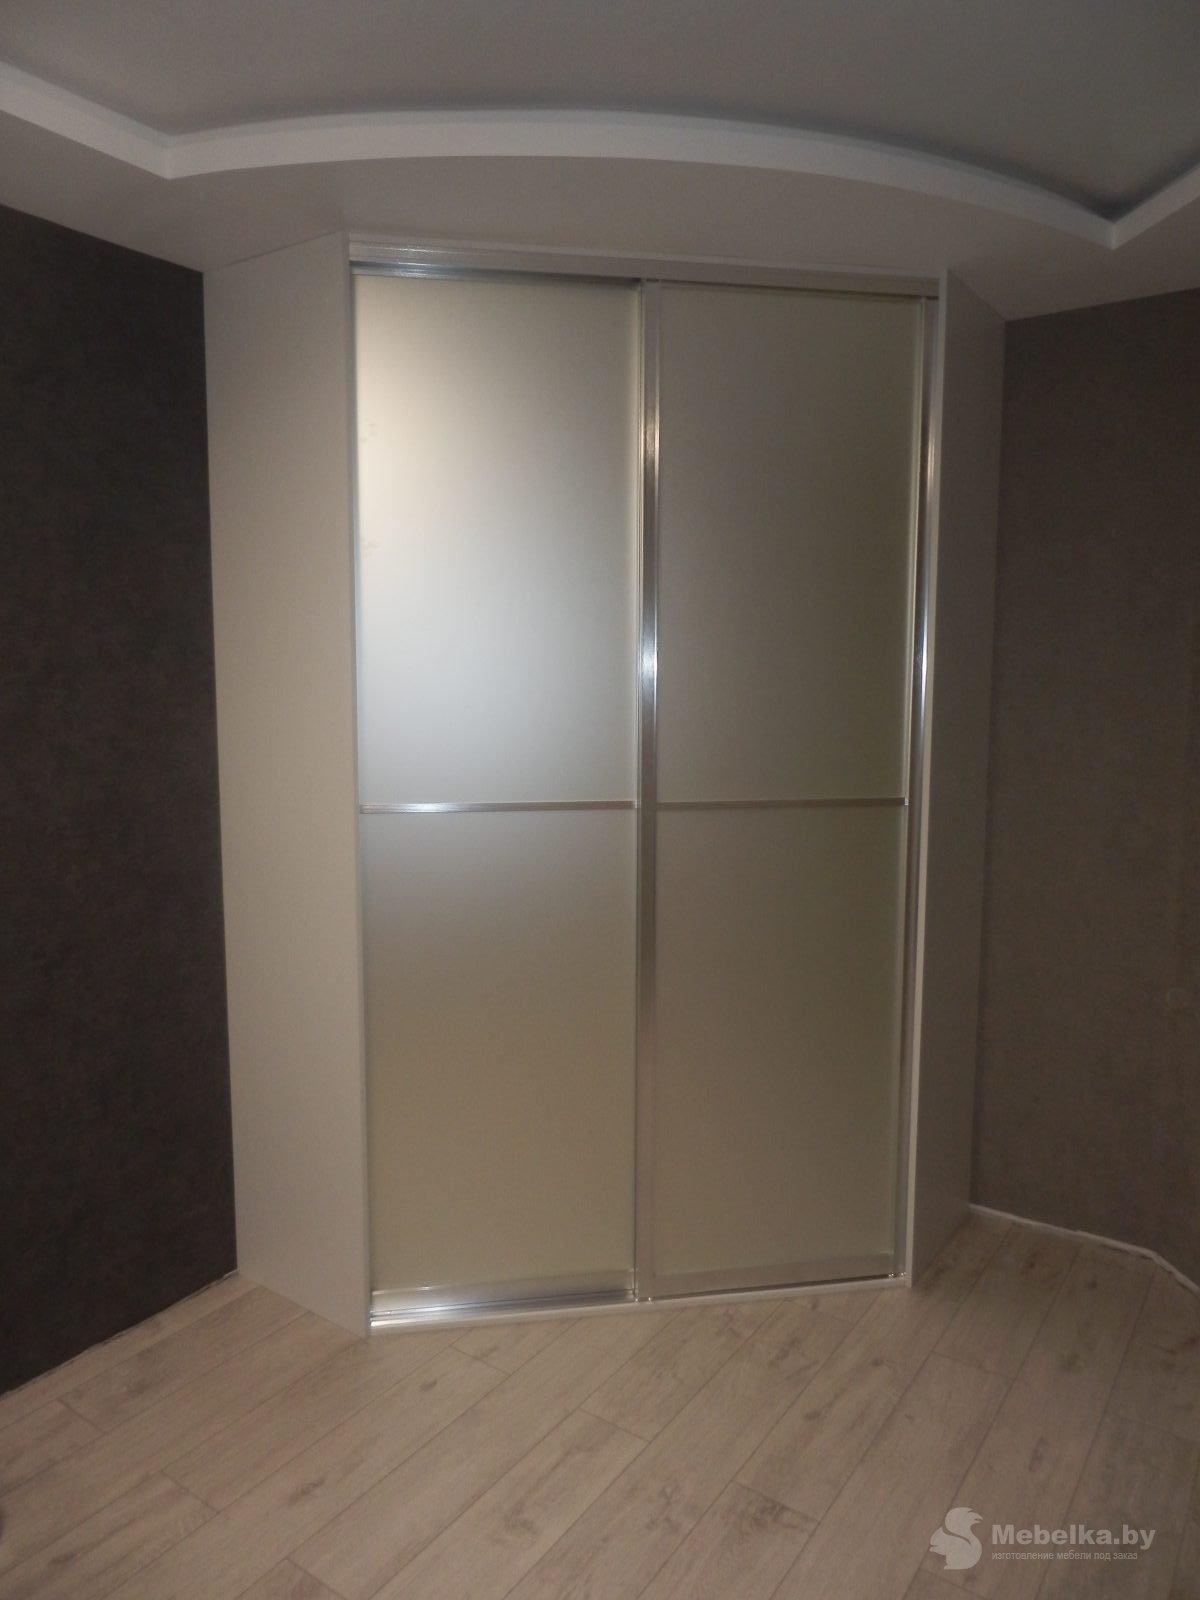 Белый угловой трапециевидный шкаф-купе с зеркалом сатин серебро